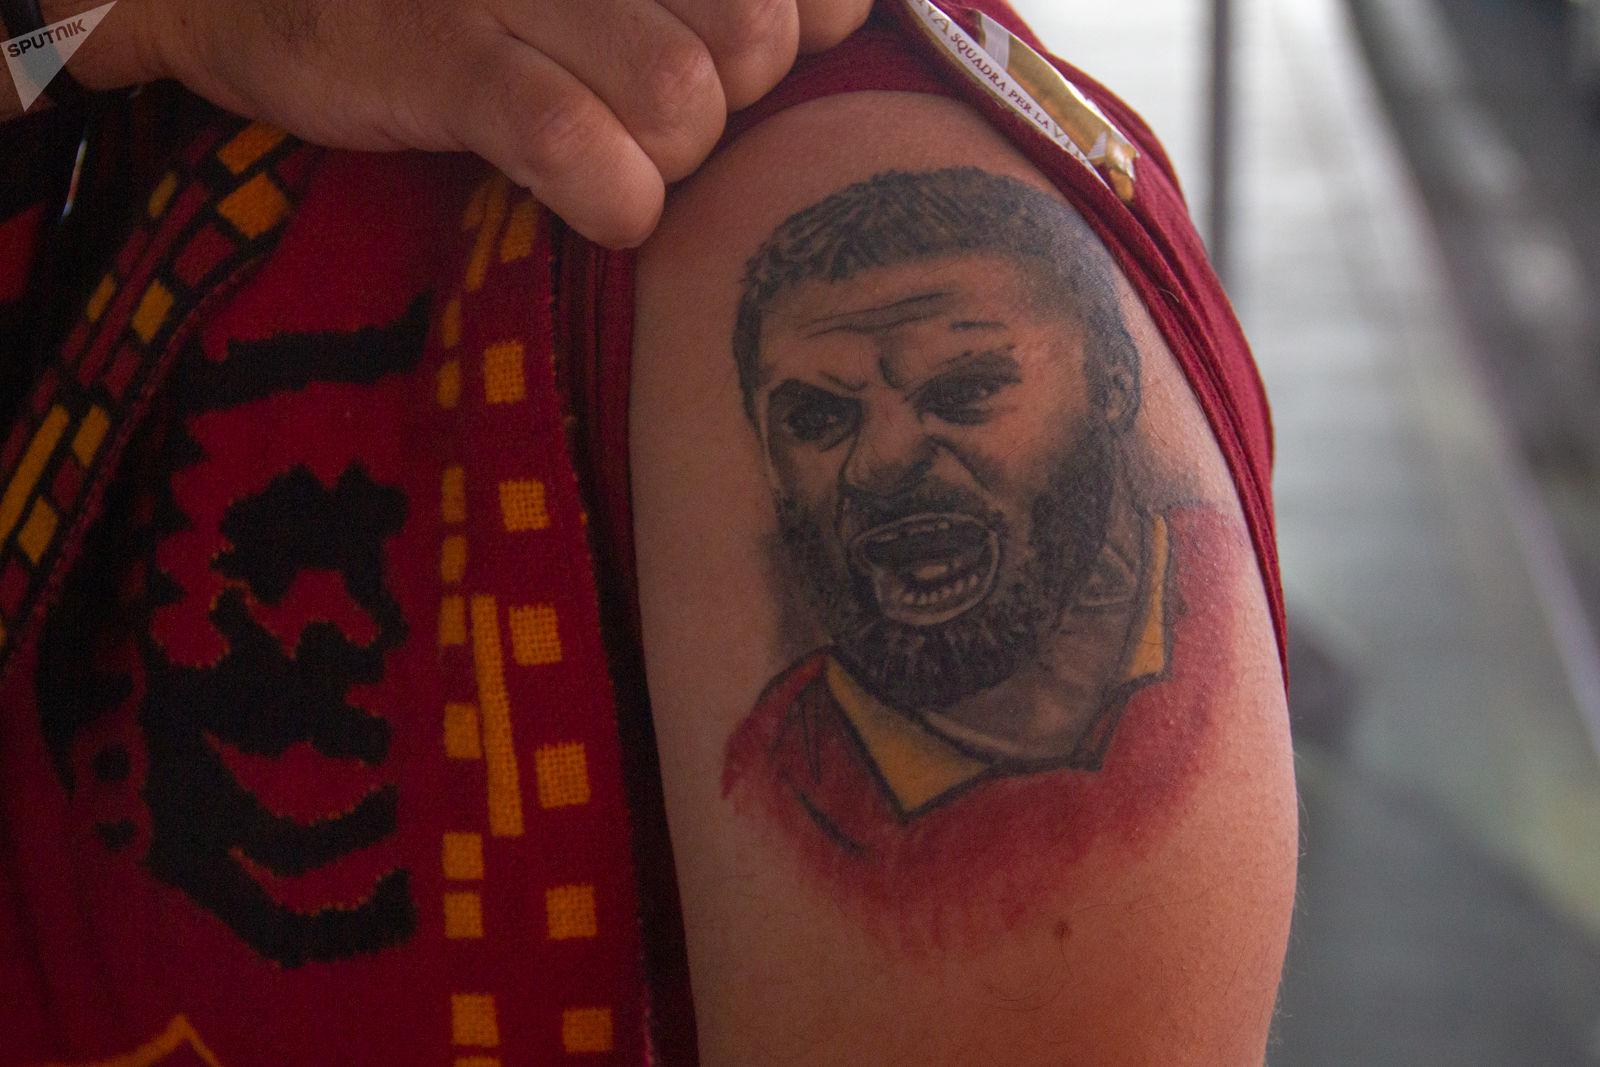 De Rossi tatuato sul braccio del tifoso iraniano